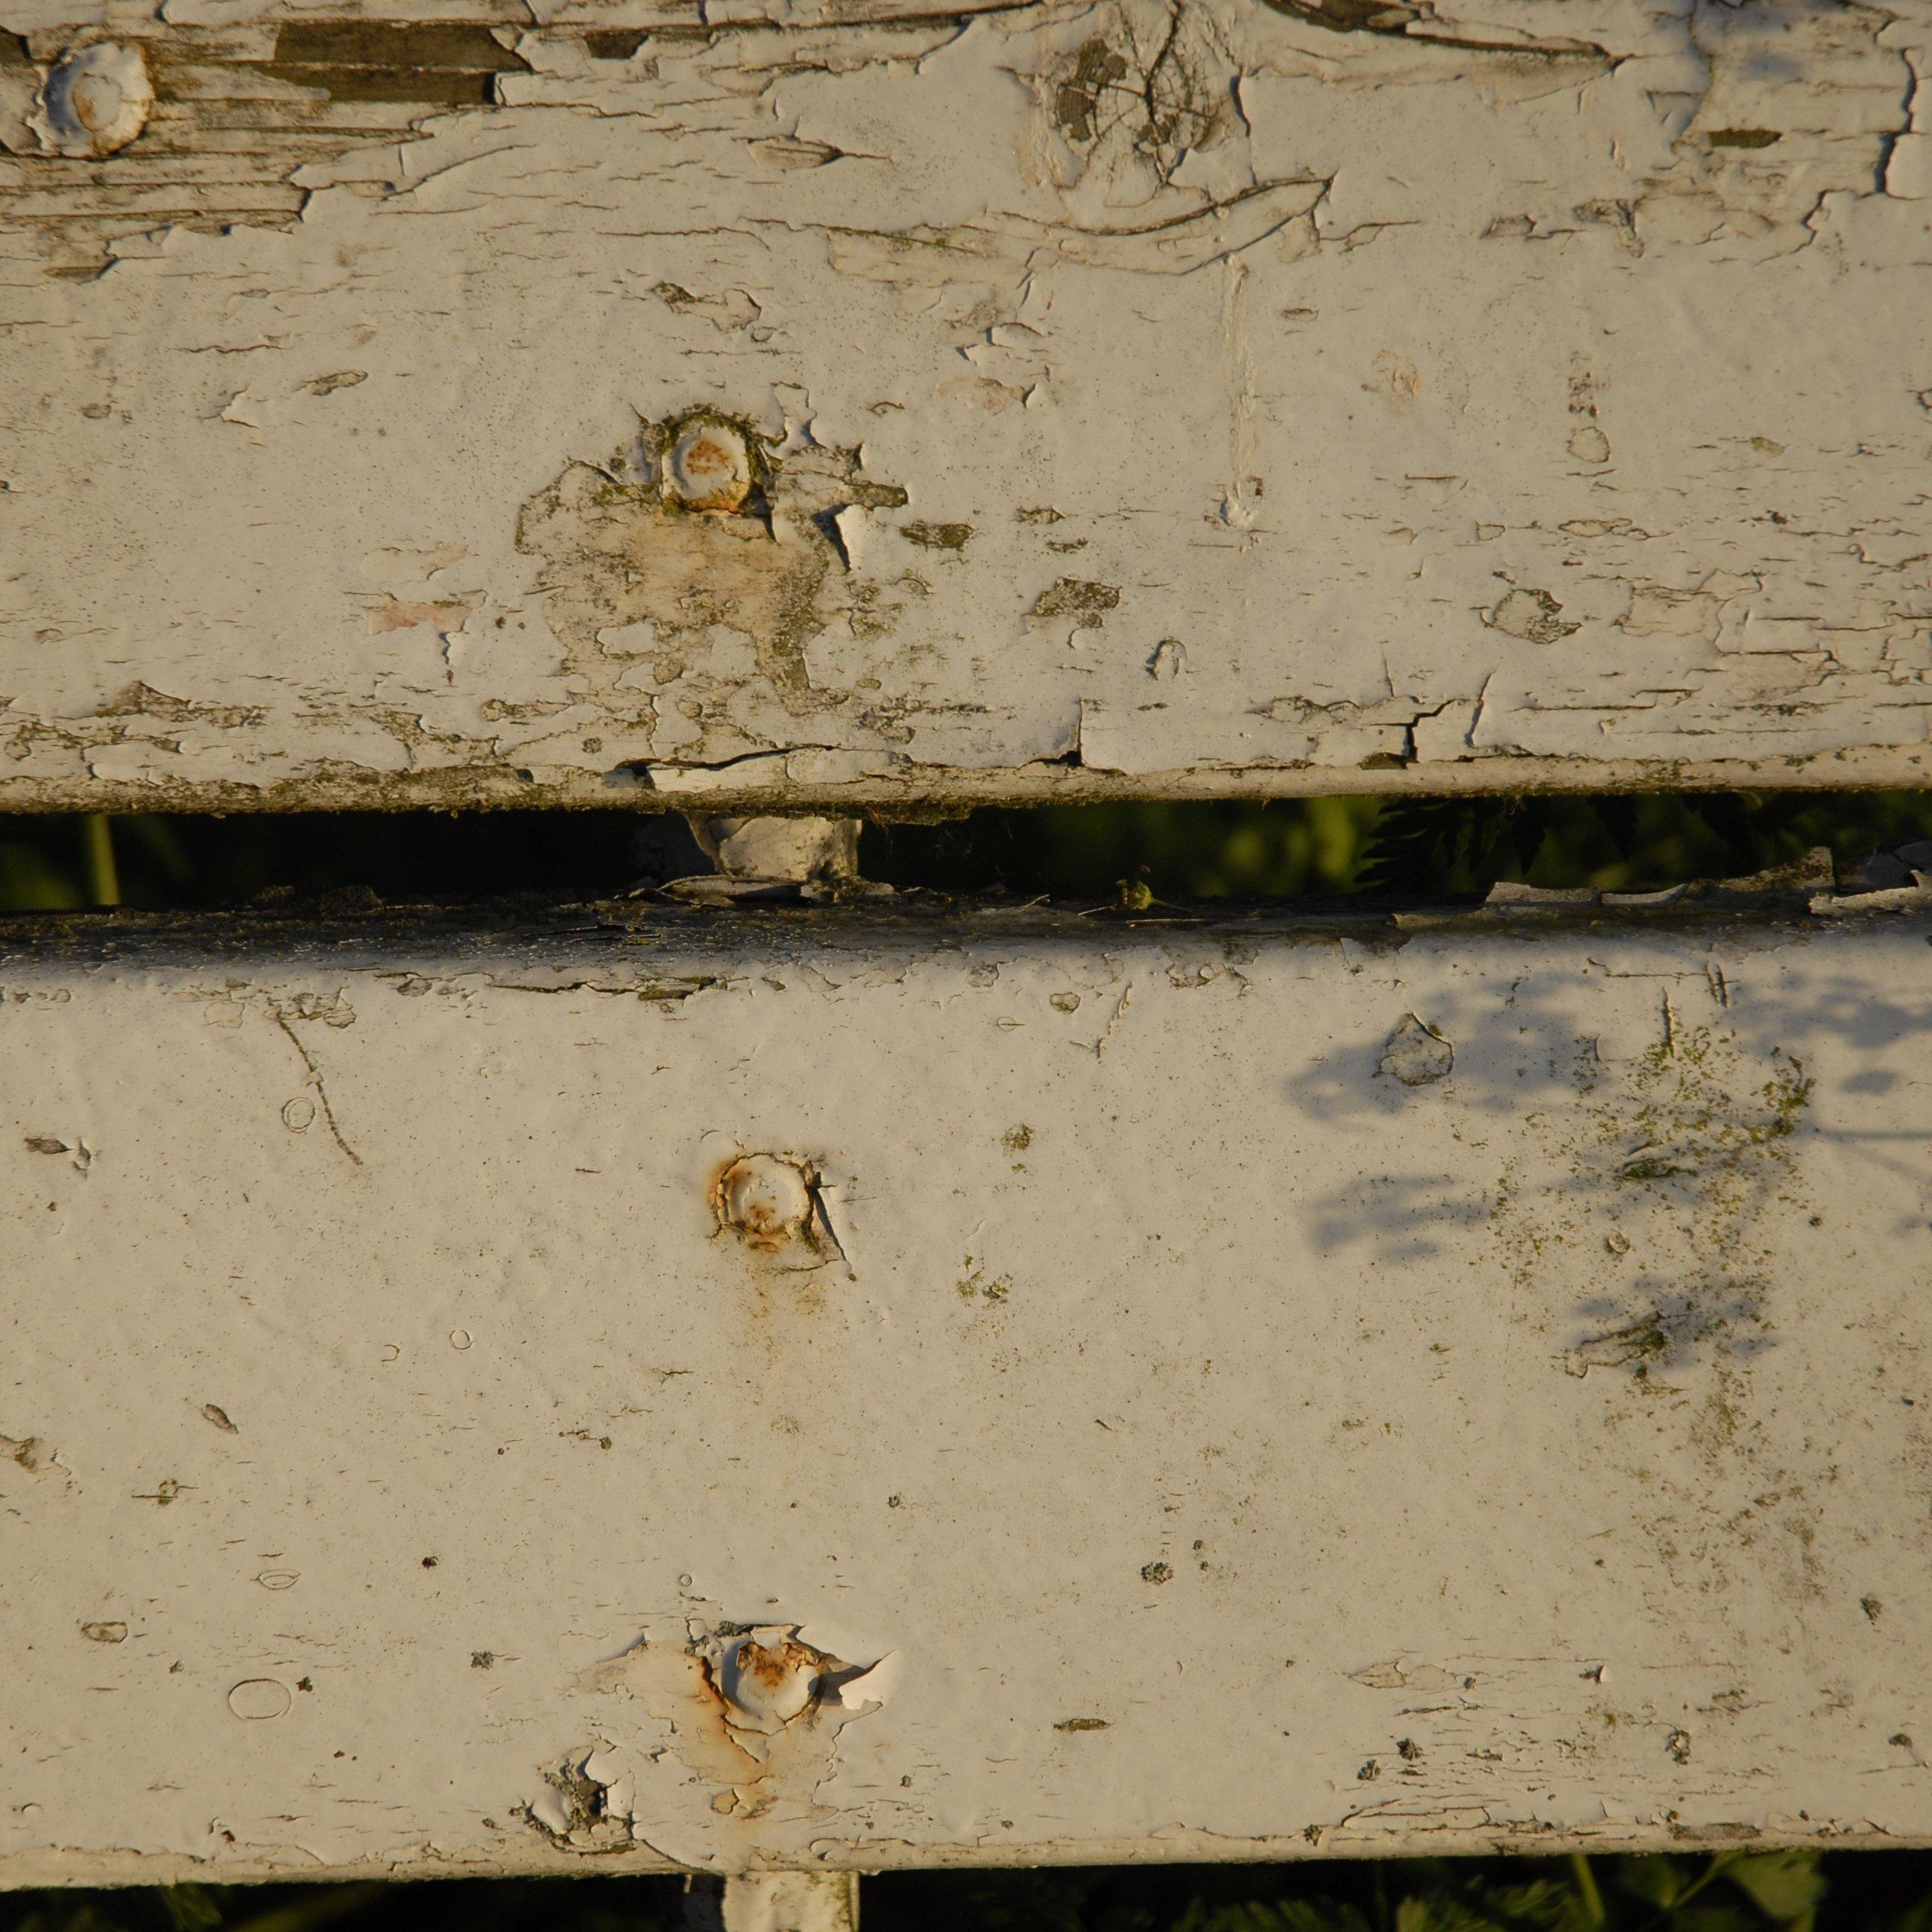 Teichplumps und Katzenschreck